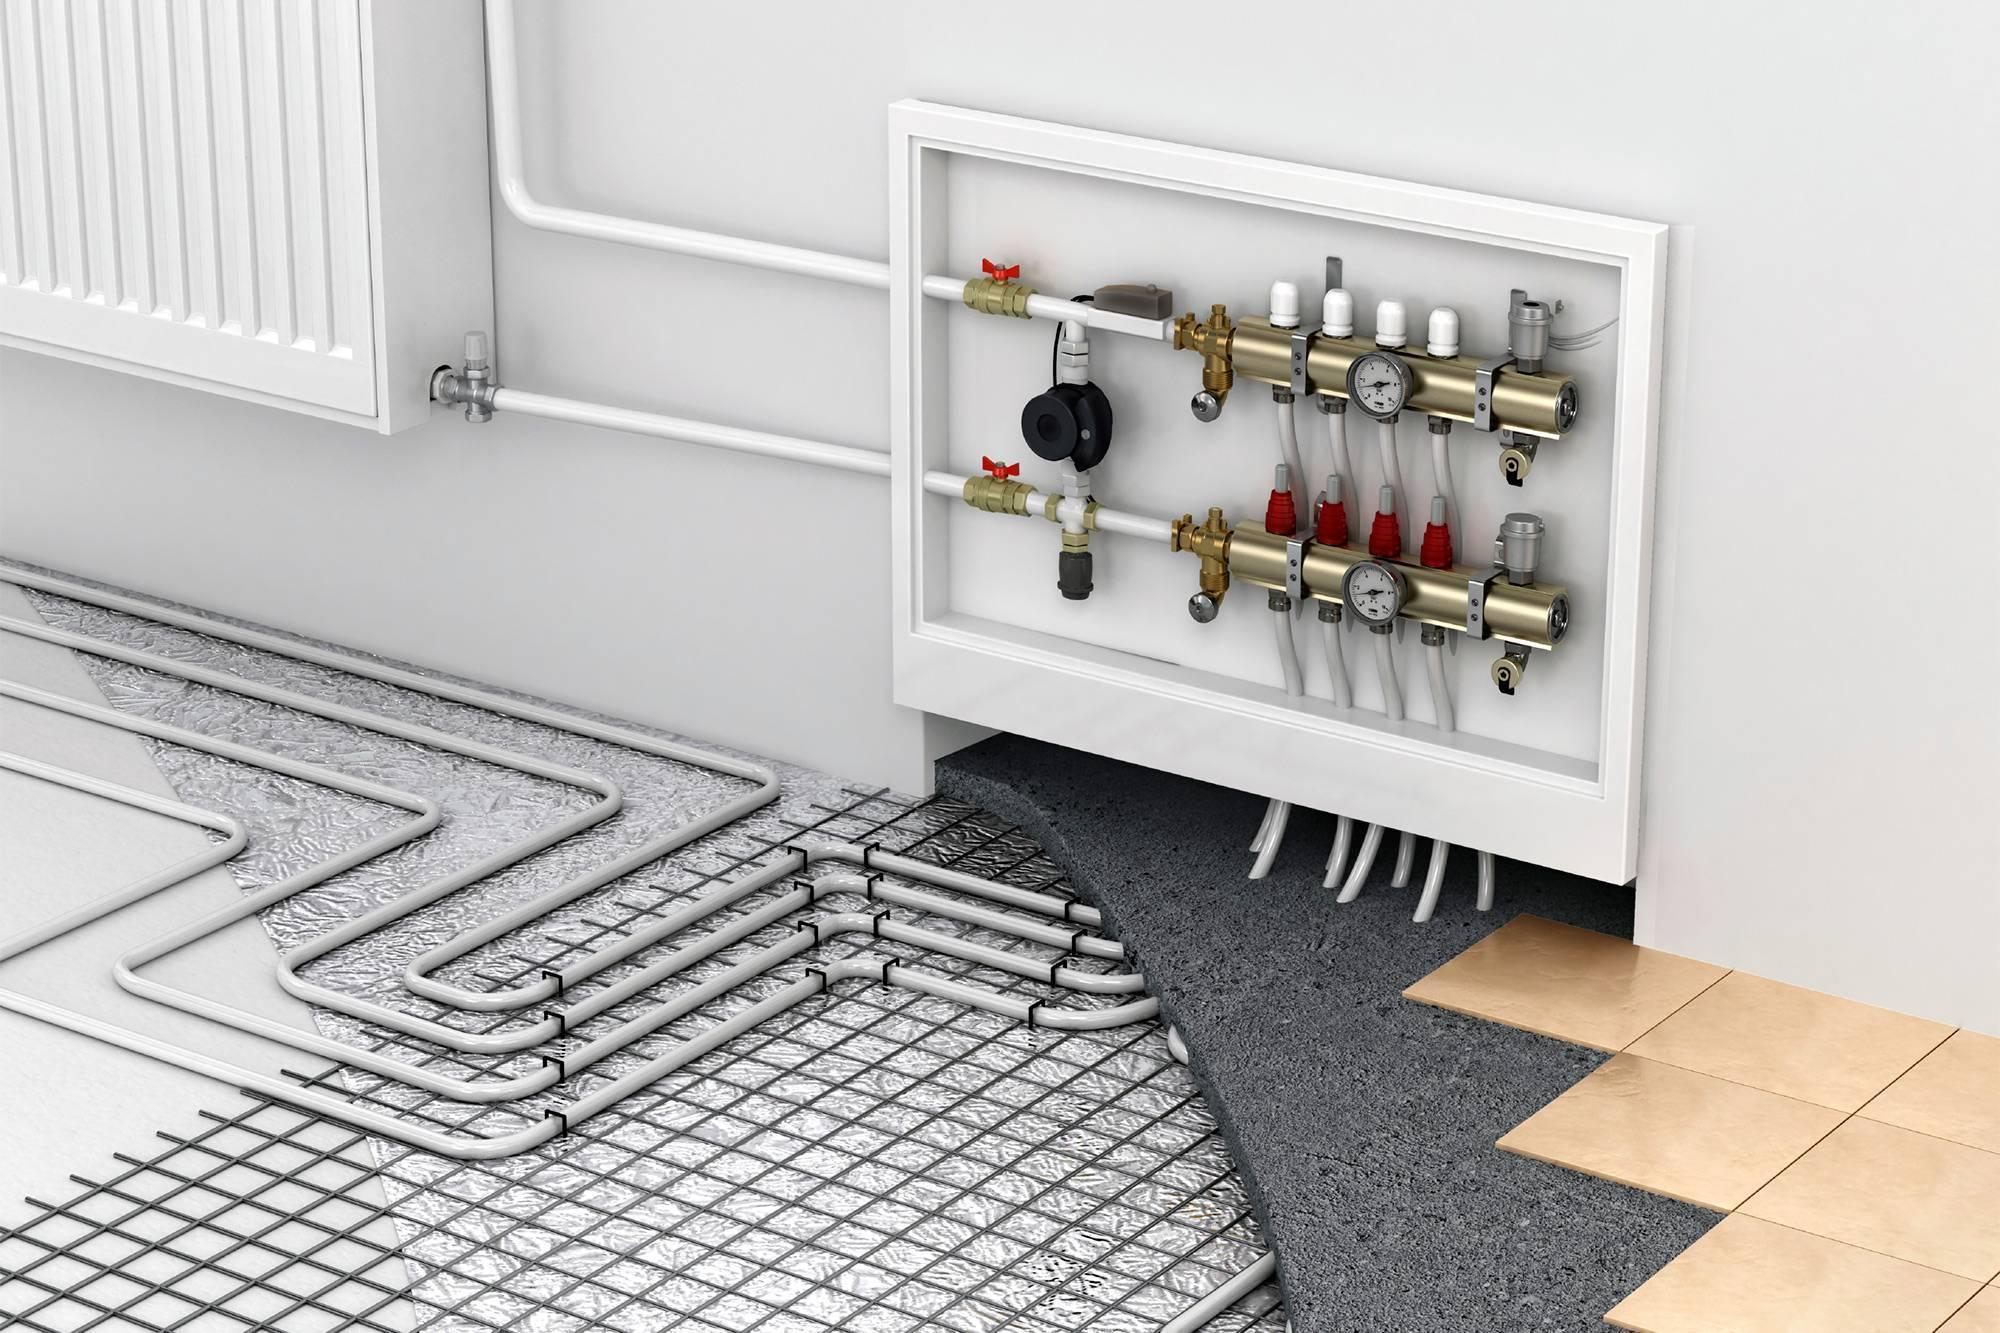 Электрическое отопление частного дома – основные виды, технология монтажа